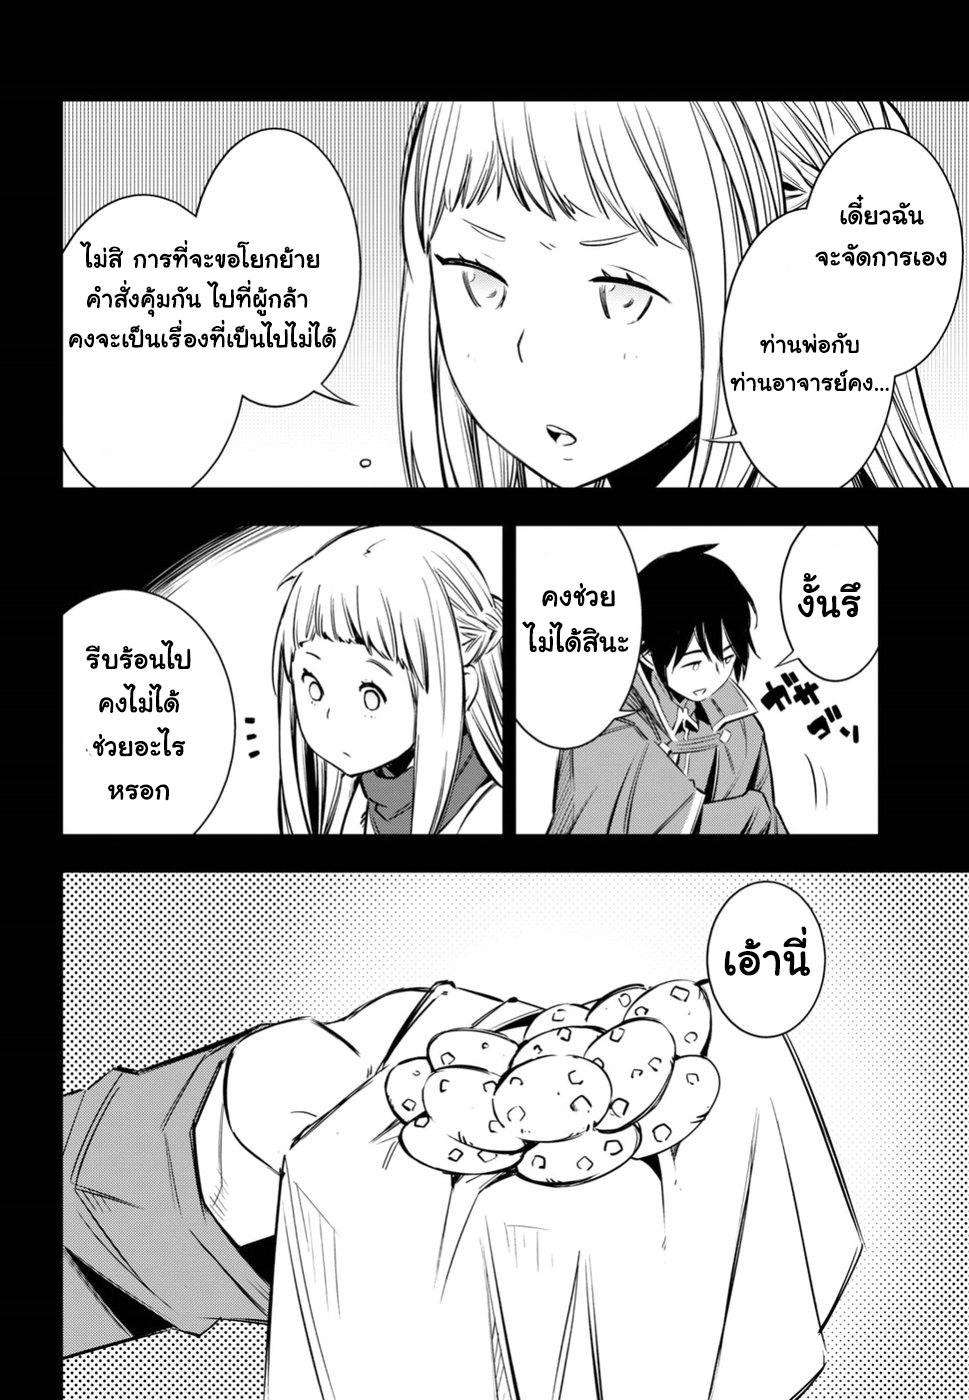 อ่านการ์ตูน Shin no Nakama Janai to Yuusha no Party wo Oidasareta no de Henkyou de Slow Life suru koto ตอนที่ 3 หน้าที่ 20